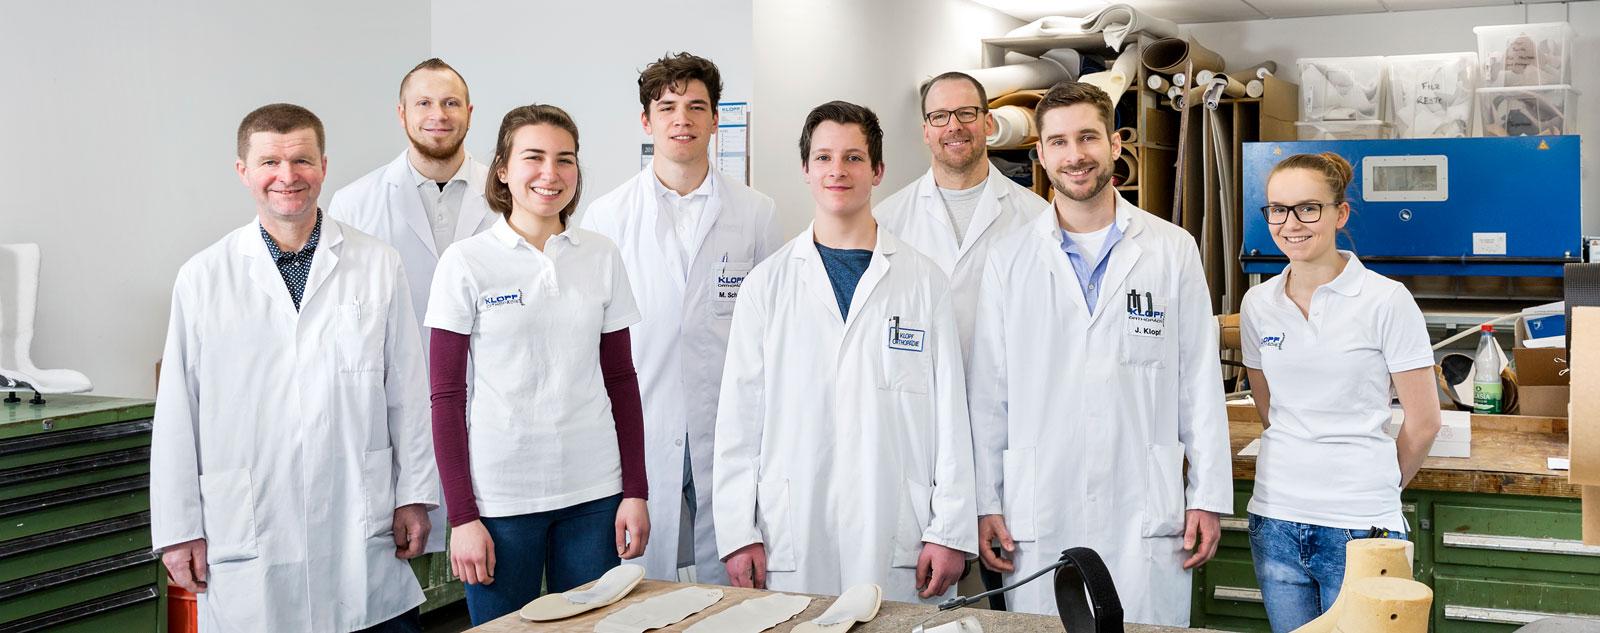 Team Werkstatt Klopf Orthopädie